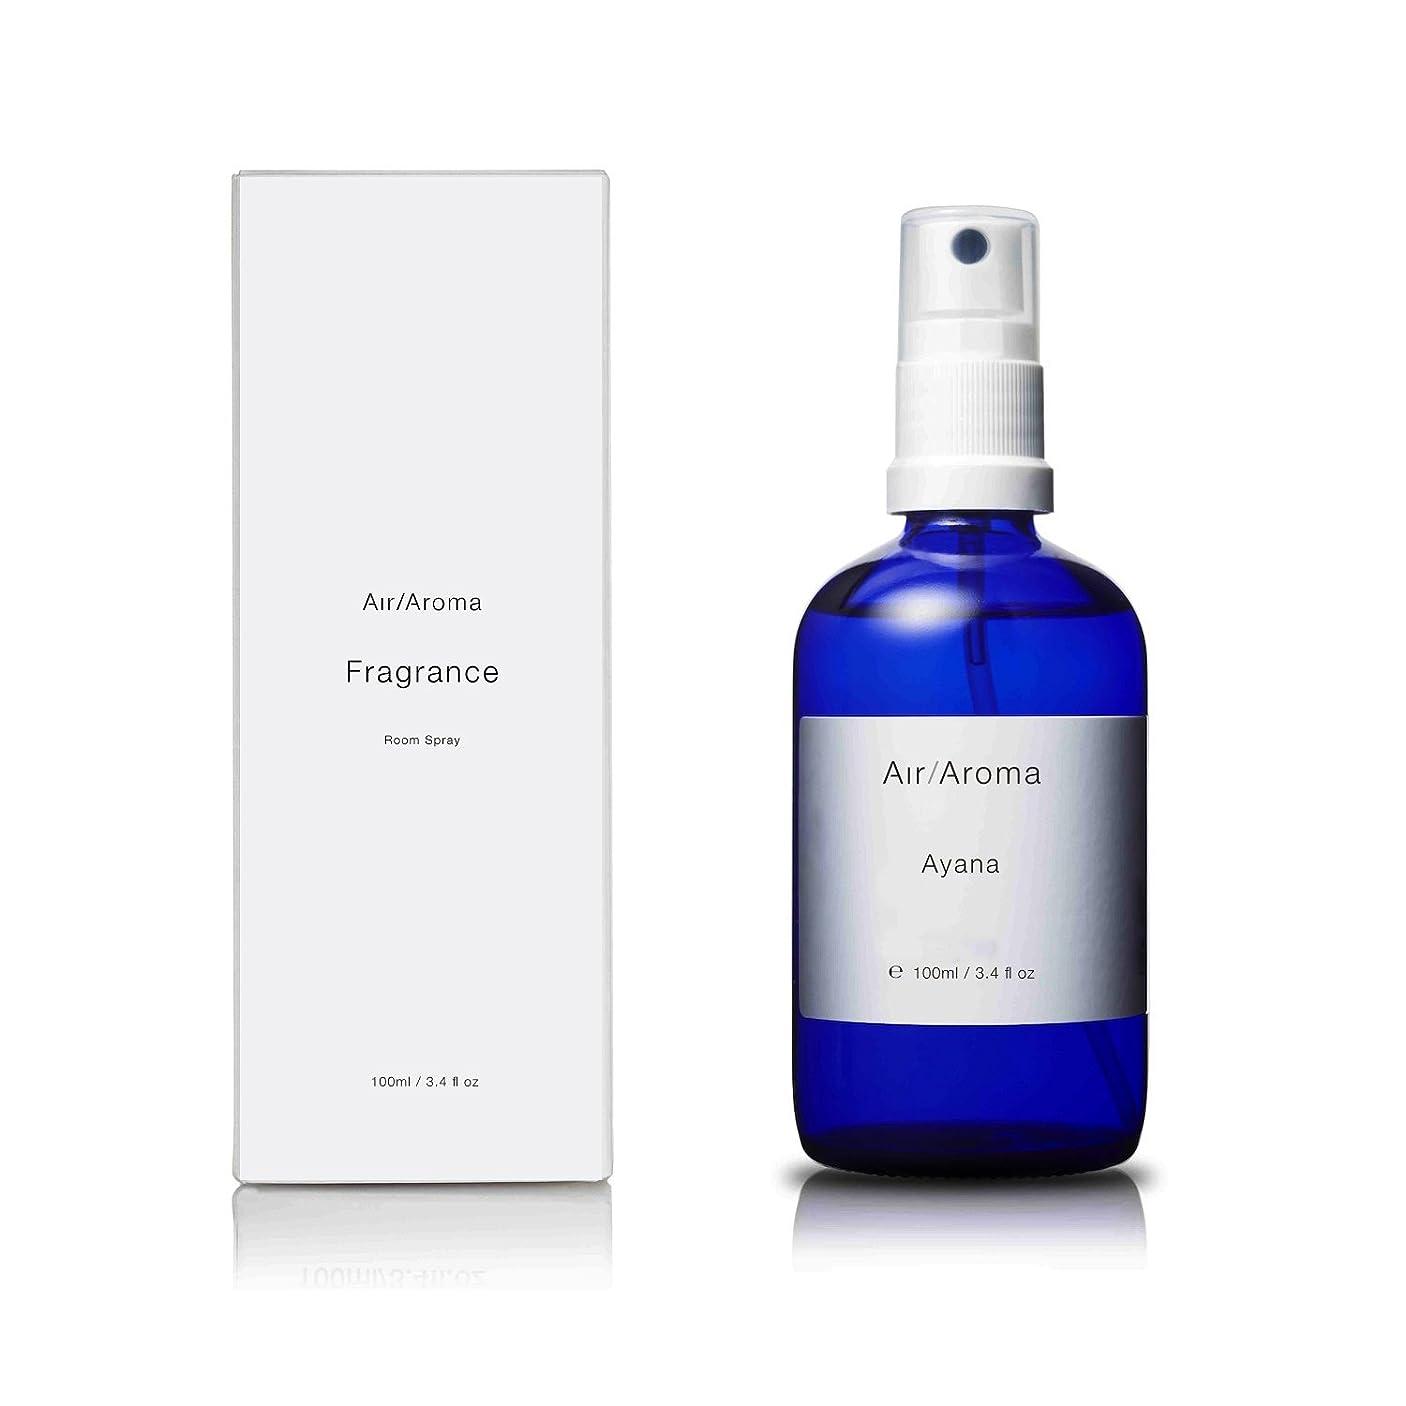 ブラジャーお酒回復エアアロマ ayana room fragrance (アヤナ ルームフレグランス) 100ml